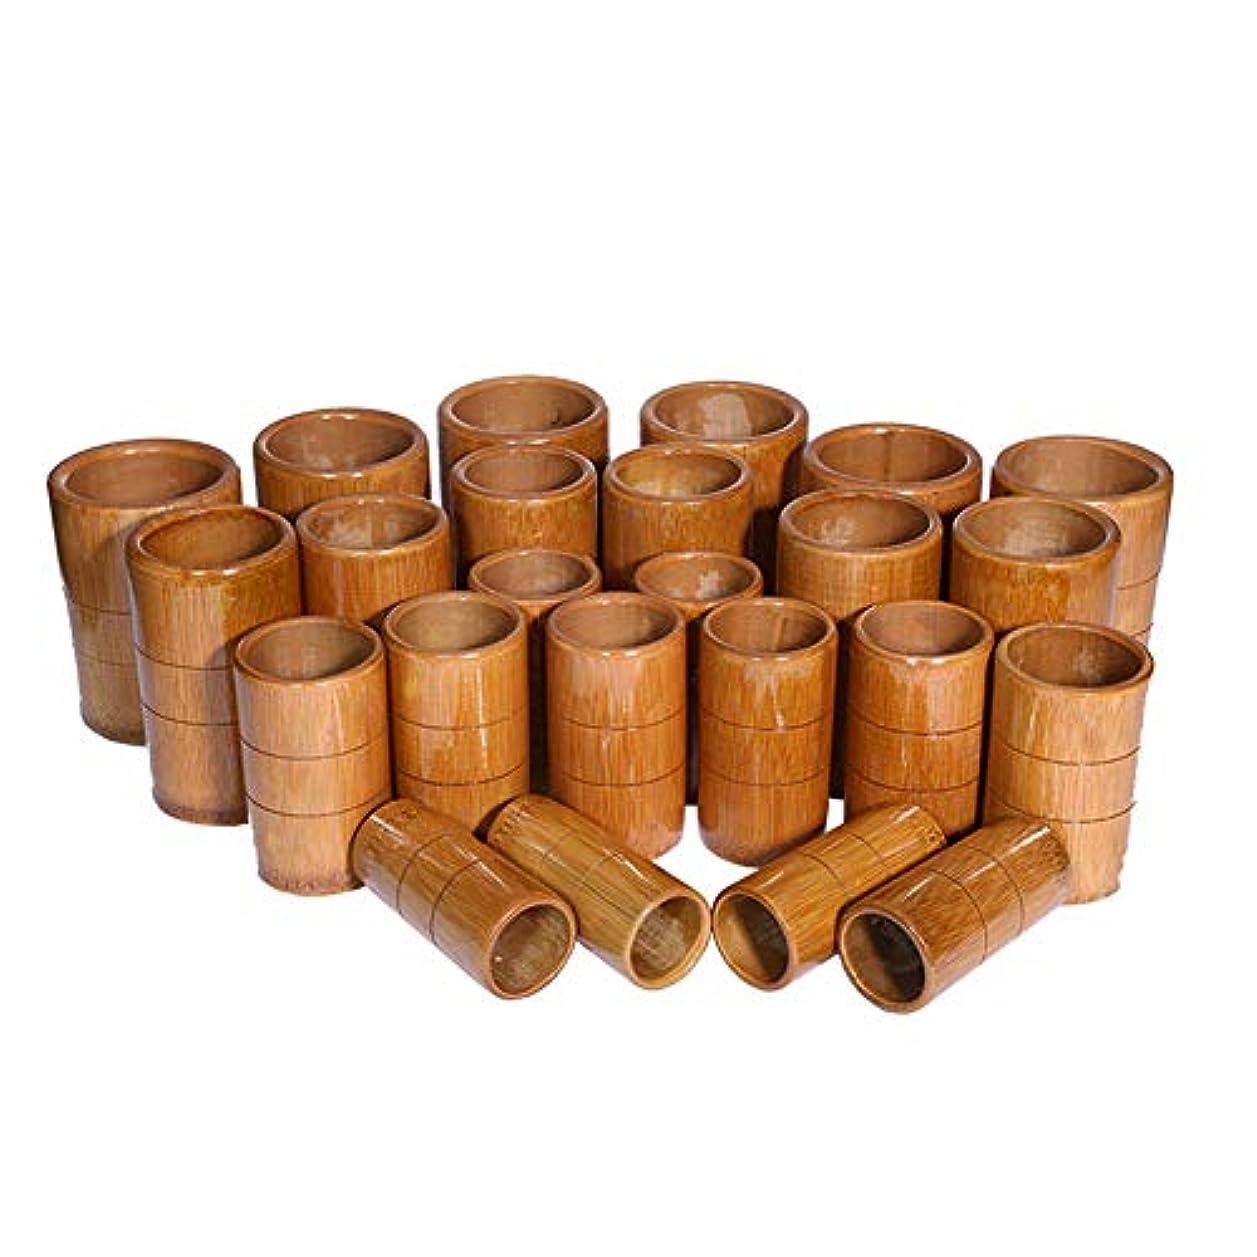 悪の立法デコラティブマッサージバキュームカップキット - カッピング竹療法セット - 炭缶鍼治療ボディ医療吸引セット,A10pcs